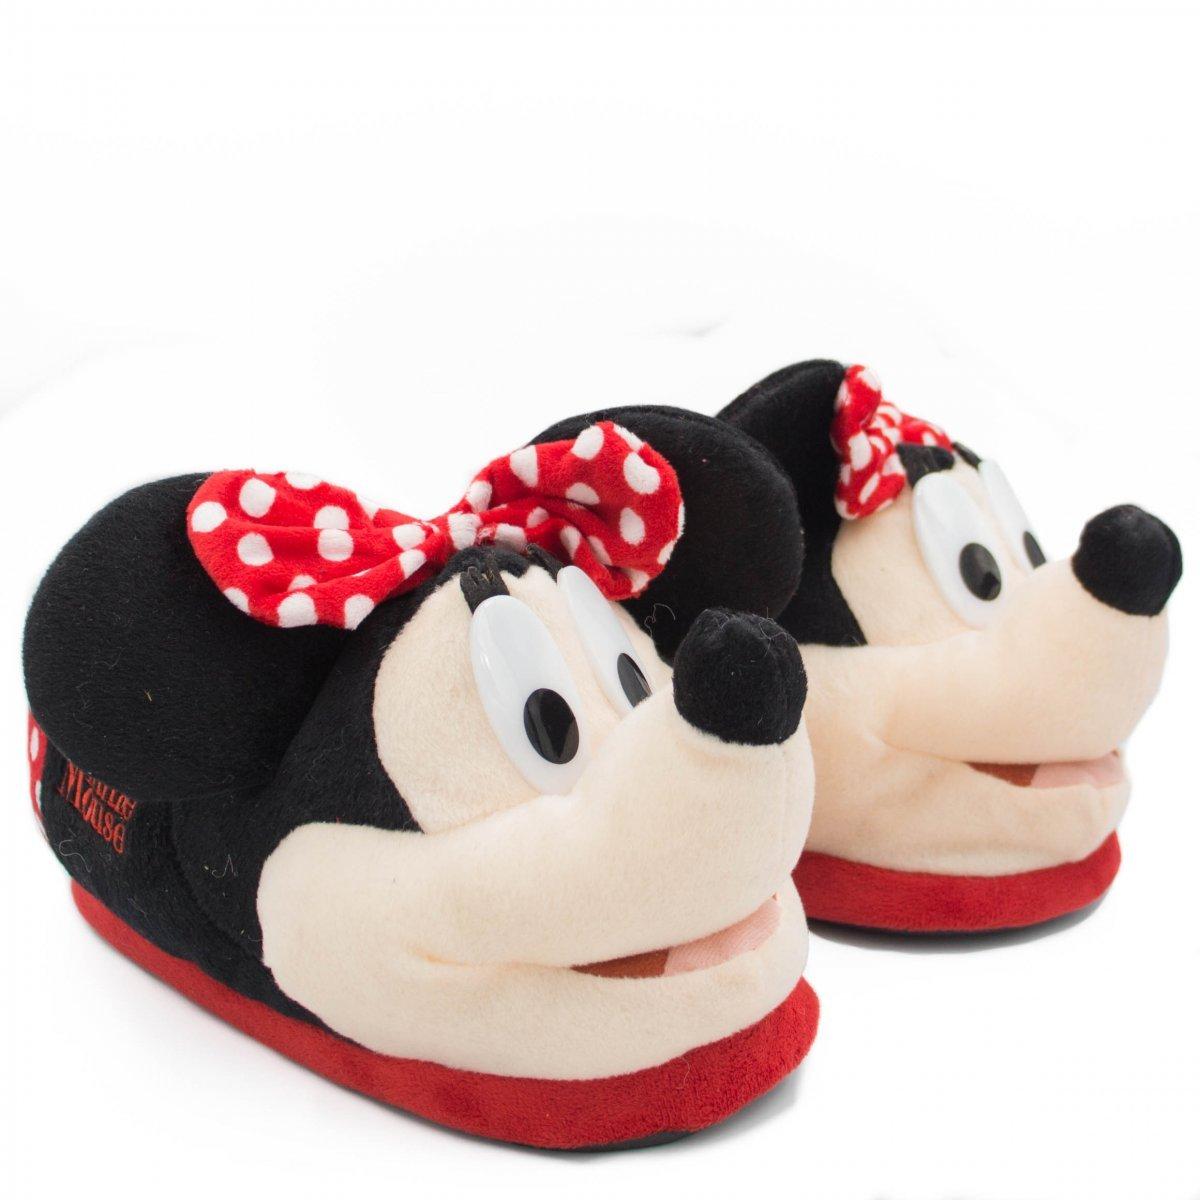 e1004811159396 Pantufa Ricsen Minnie Mouse